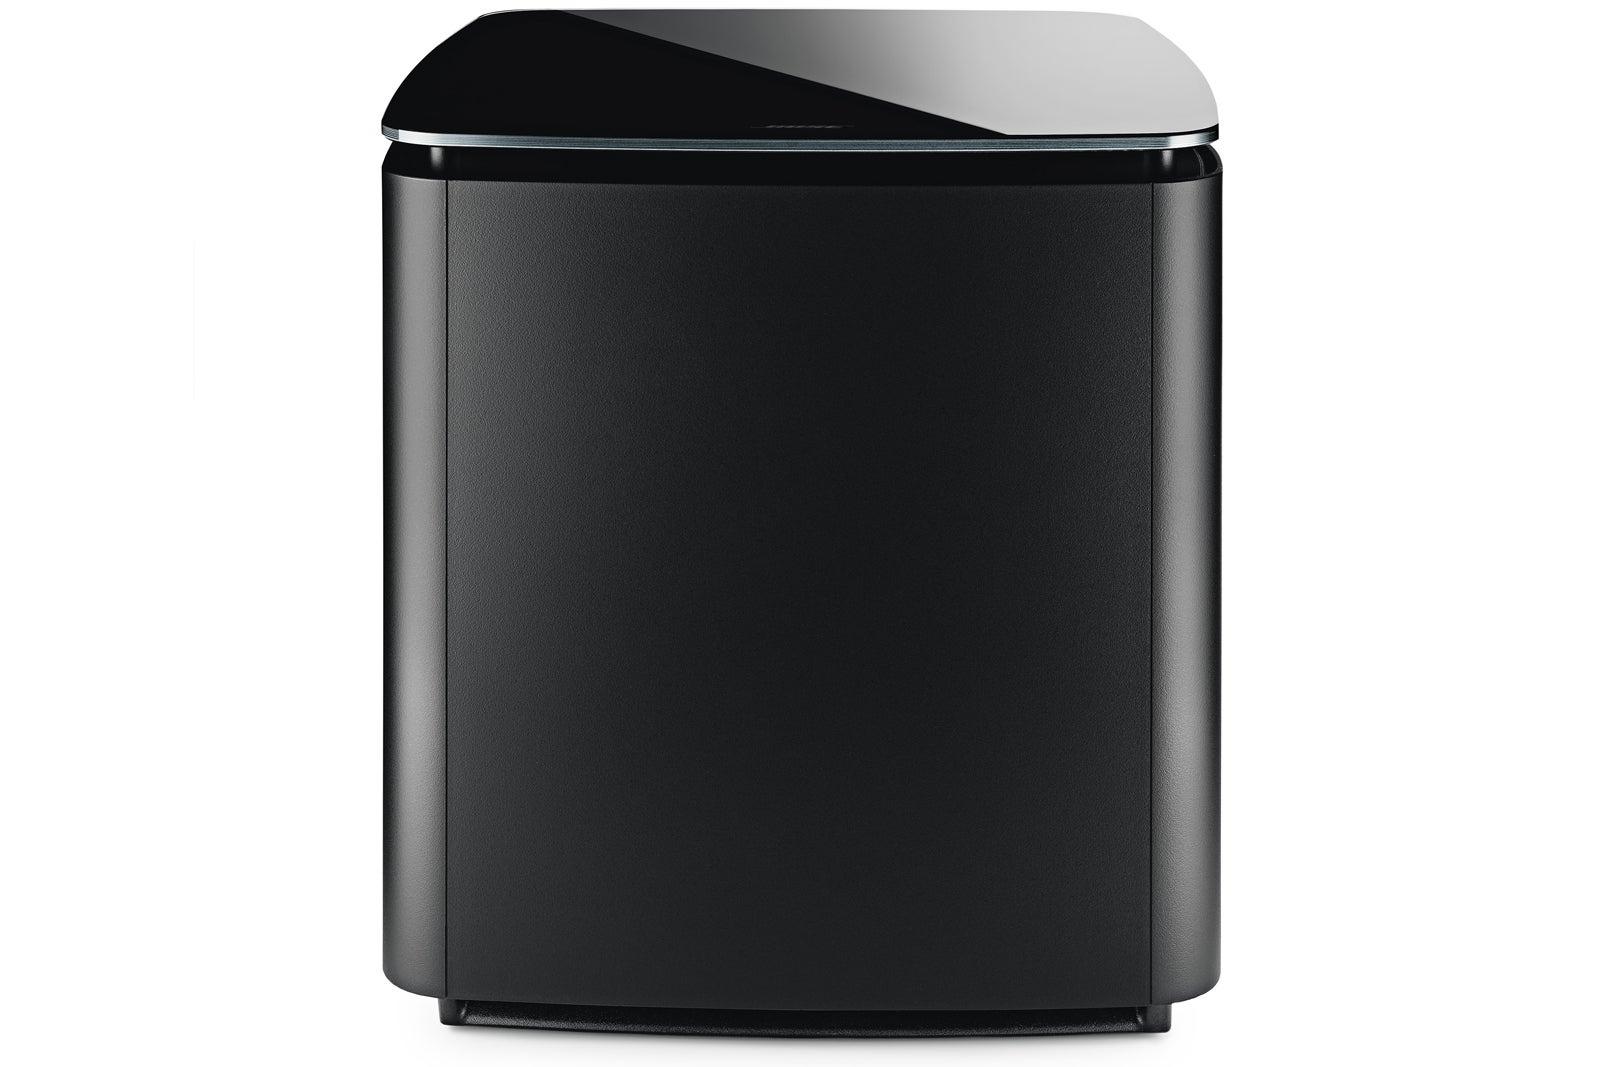 Tune Up Near Me >> Bose Soundbar 500 review: Alexa, make me a sleek, smart sound bar | TechHive